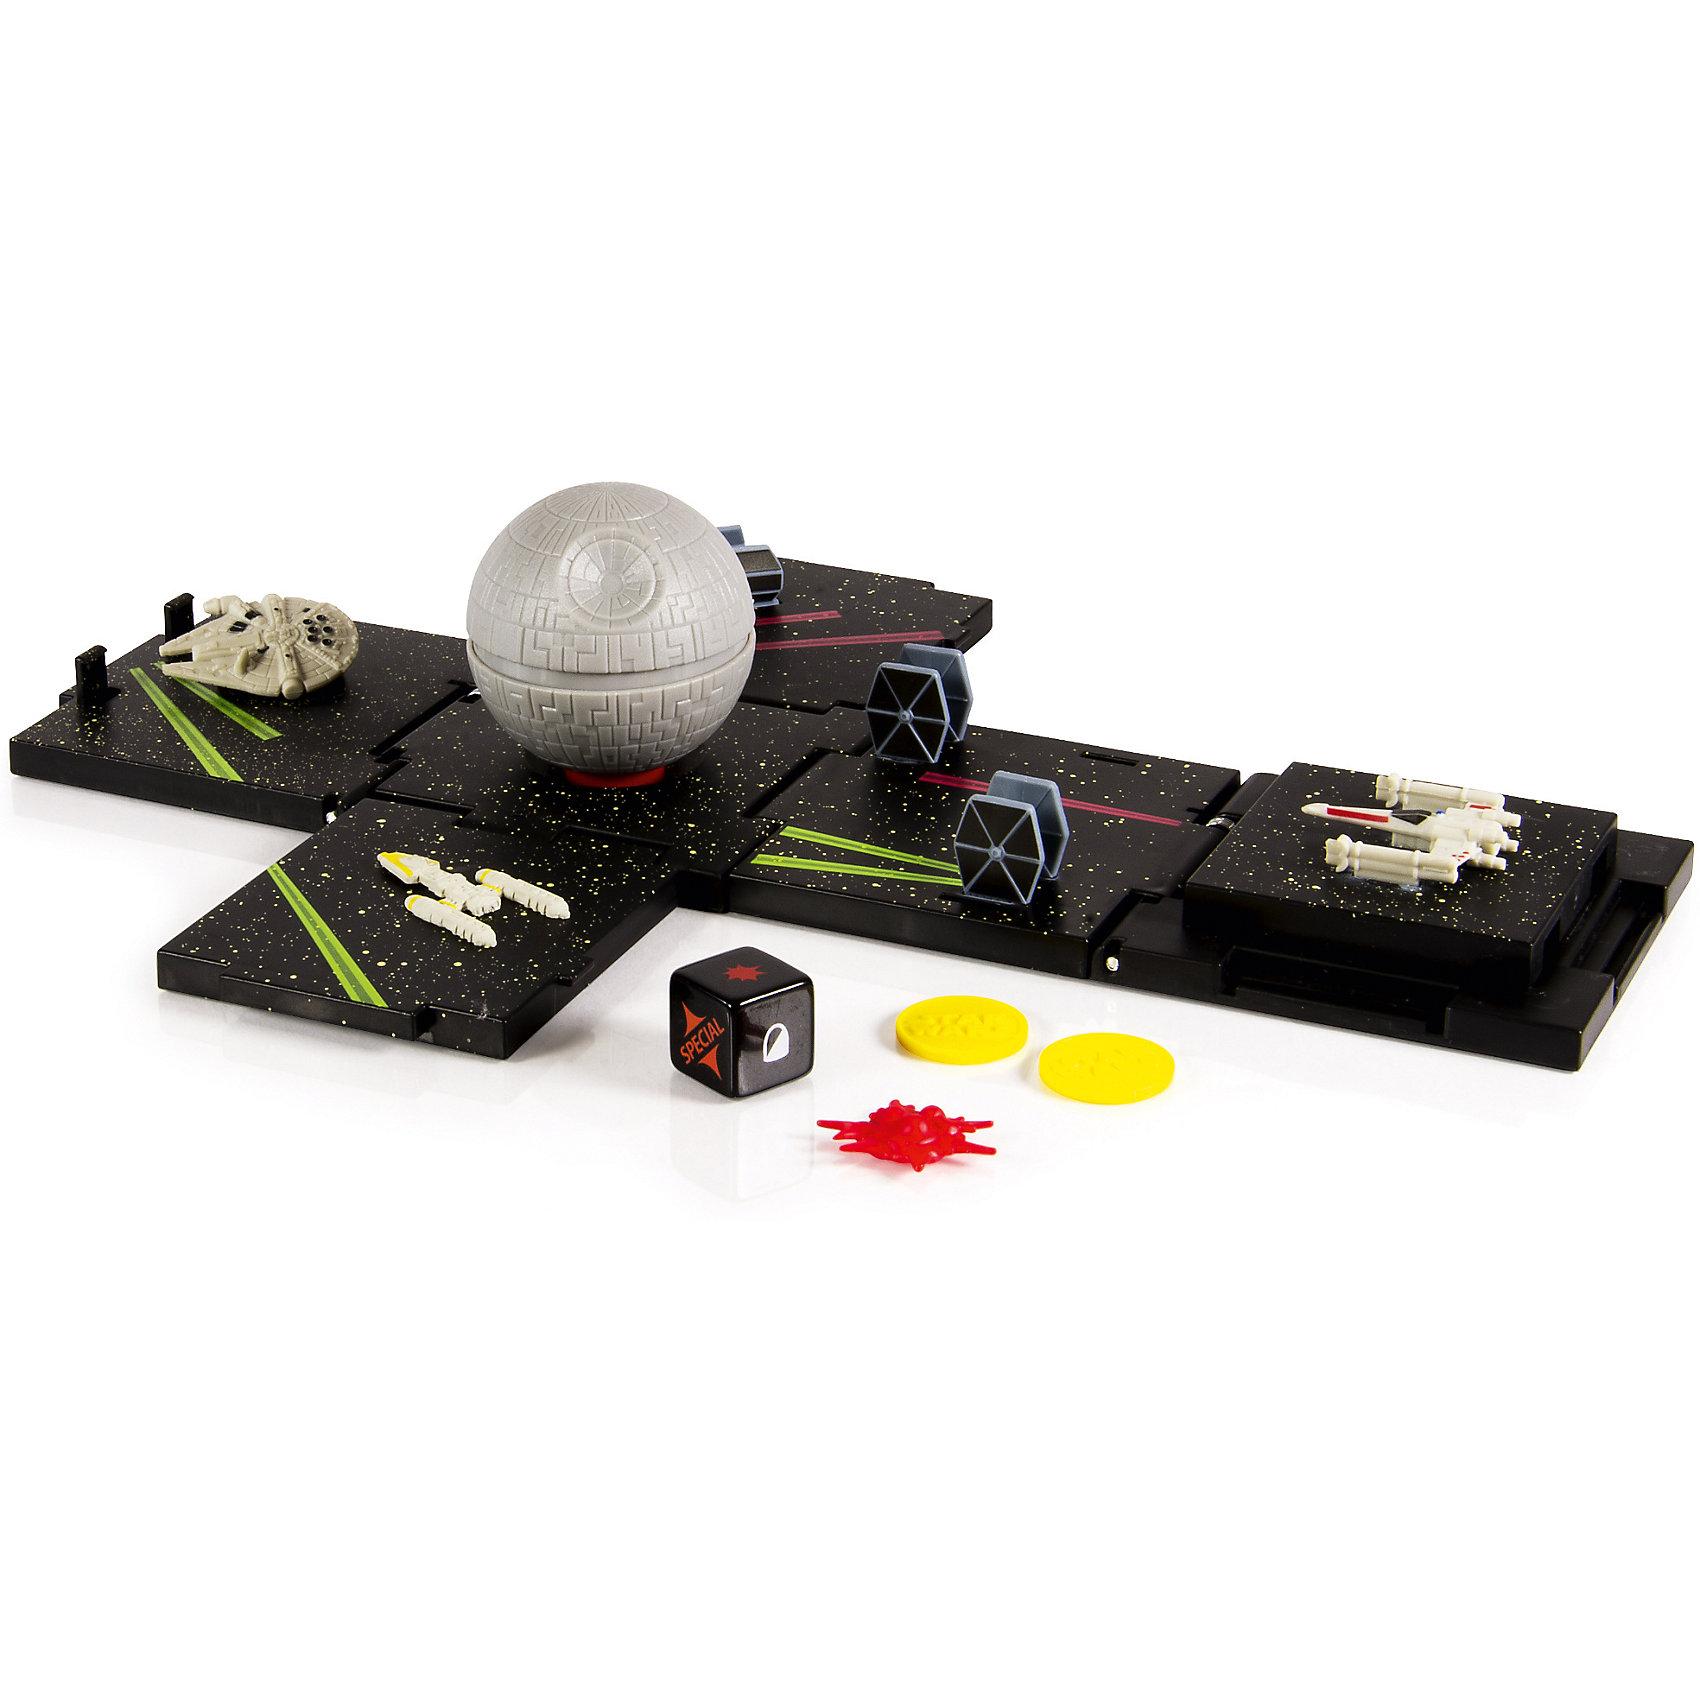 Боевые кубики Звезда смерти, Звездные войны, SpinmasterБоевые кубики Звезда смерти, Звездные войны, Spinmaster (Спинмастер) – это уникальная стратегическая игра, с которой можно погрузиться в мир Звездных войн и стать повелителем галактики! В собранном виде боевой кубик Звезда смерти представляет собой куб с длиной ребра 7 сантиметров, но если его разложить он превратится в игровое поле с миниатюрами космических кораблей по мотивам Звездных Войн. Выбери нужную цель и смело бросай игровые кости, чтобы устроить полное поражение своему противнику! <br><br>Комплектация: карта для игры, игровые кости, миниатюрные космические корабли, макет Звезды смерти<br><br>-Дополнительная информация:<br>-Материалы: пластик, картон, бумага<br>-Размер в собранном виде: 7 см, в разобранном виде: 28х19 см<br><br>С этой стратегической игрой можно воспроизвести самые любимые сцены из киноленты!<br><br>Боевые кубики Звезда смерти, Звездные войны, Spinmaster (Спинмастер) можно купить в нашем магазине.<br><br>Ширина мм: 60<br>Глубина мм: 300<br>Высота мм: 290<br>Вес г: 650<br>Возраст от месяцев: 72<br>Возраст до месяцев: 144<br>Пол: Мужской<br>Возраст: Детский<br>SKU: 4196418